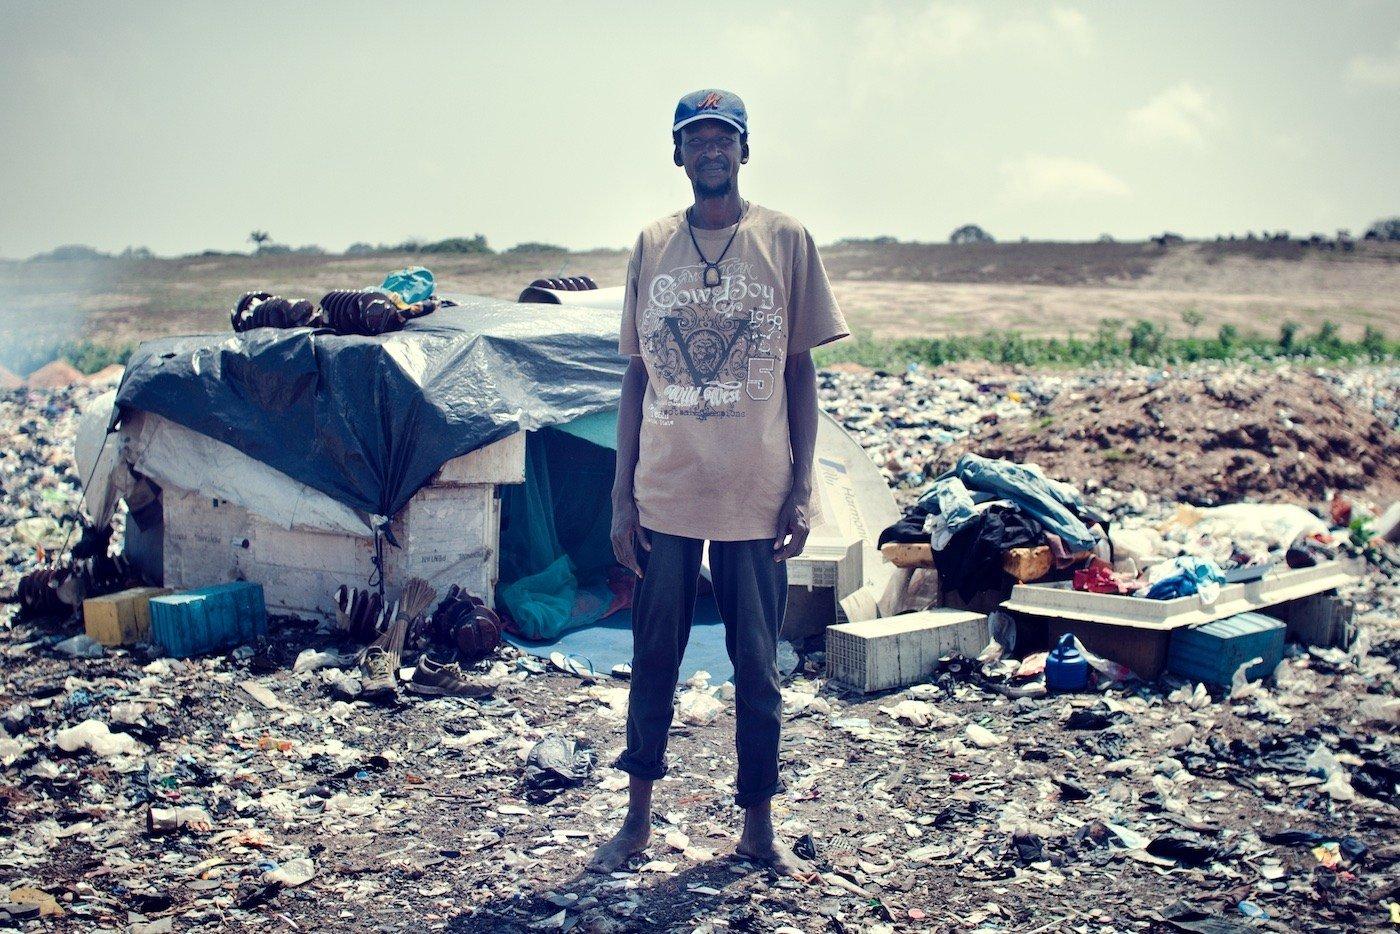 Agbogbloshie_KevinMcElvaney_Accra_e-waste-20